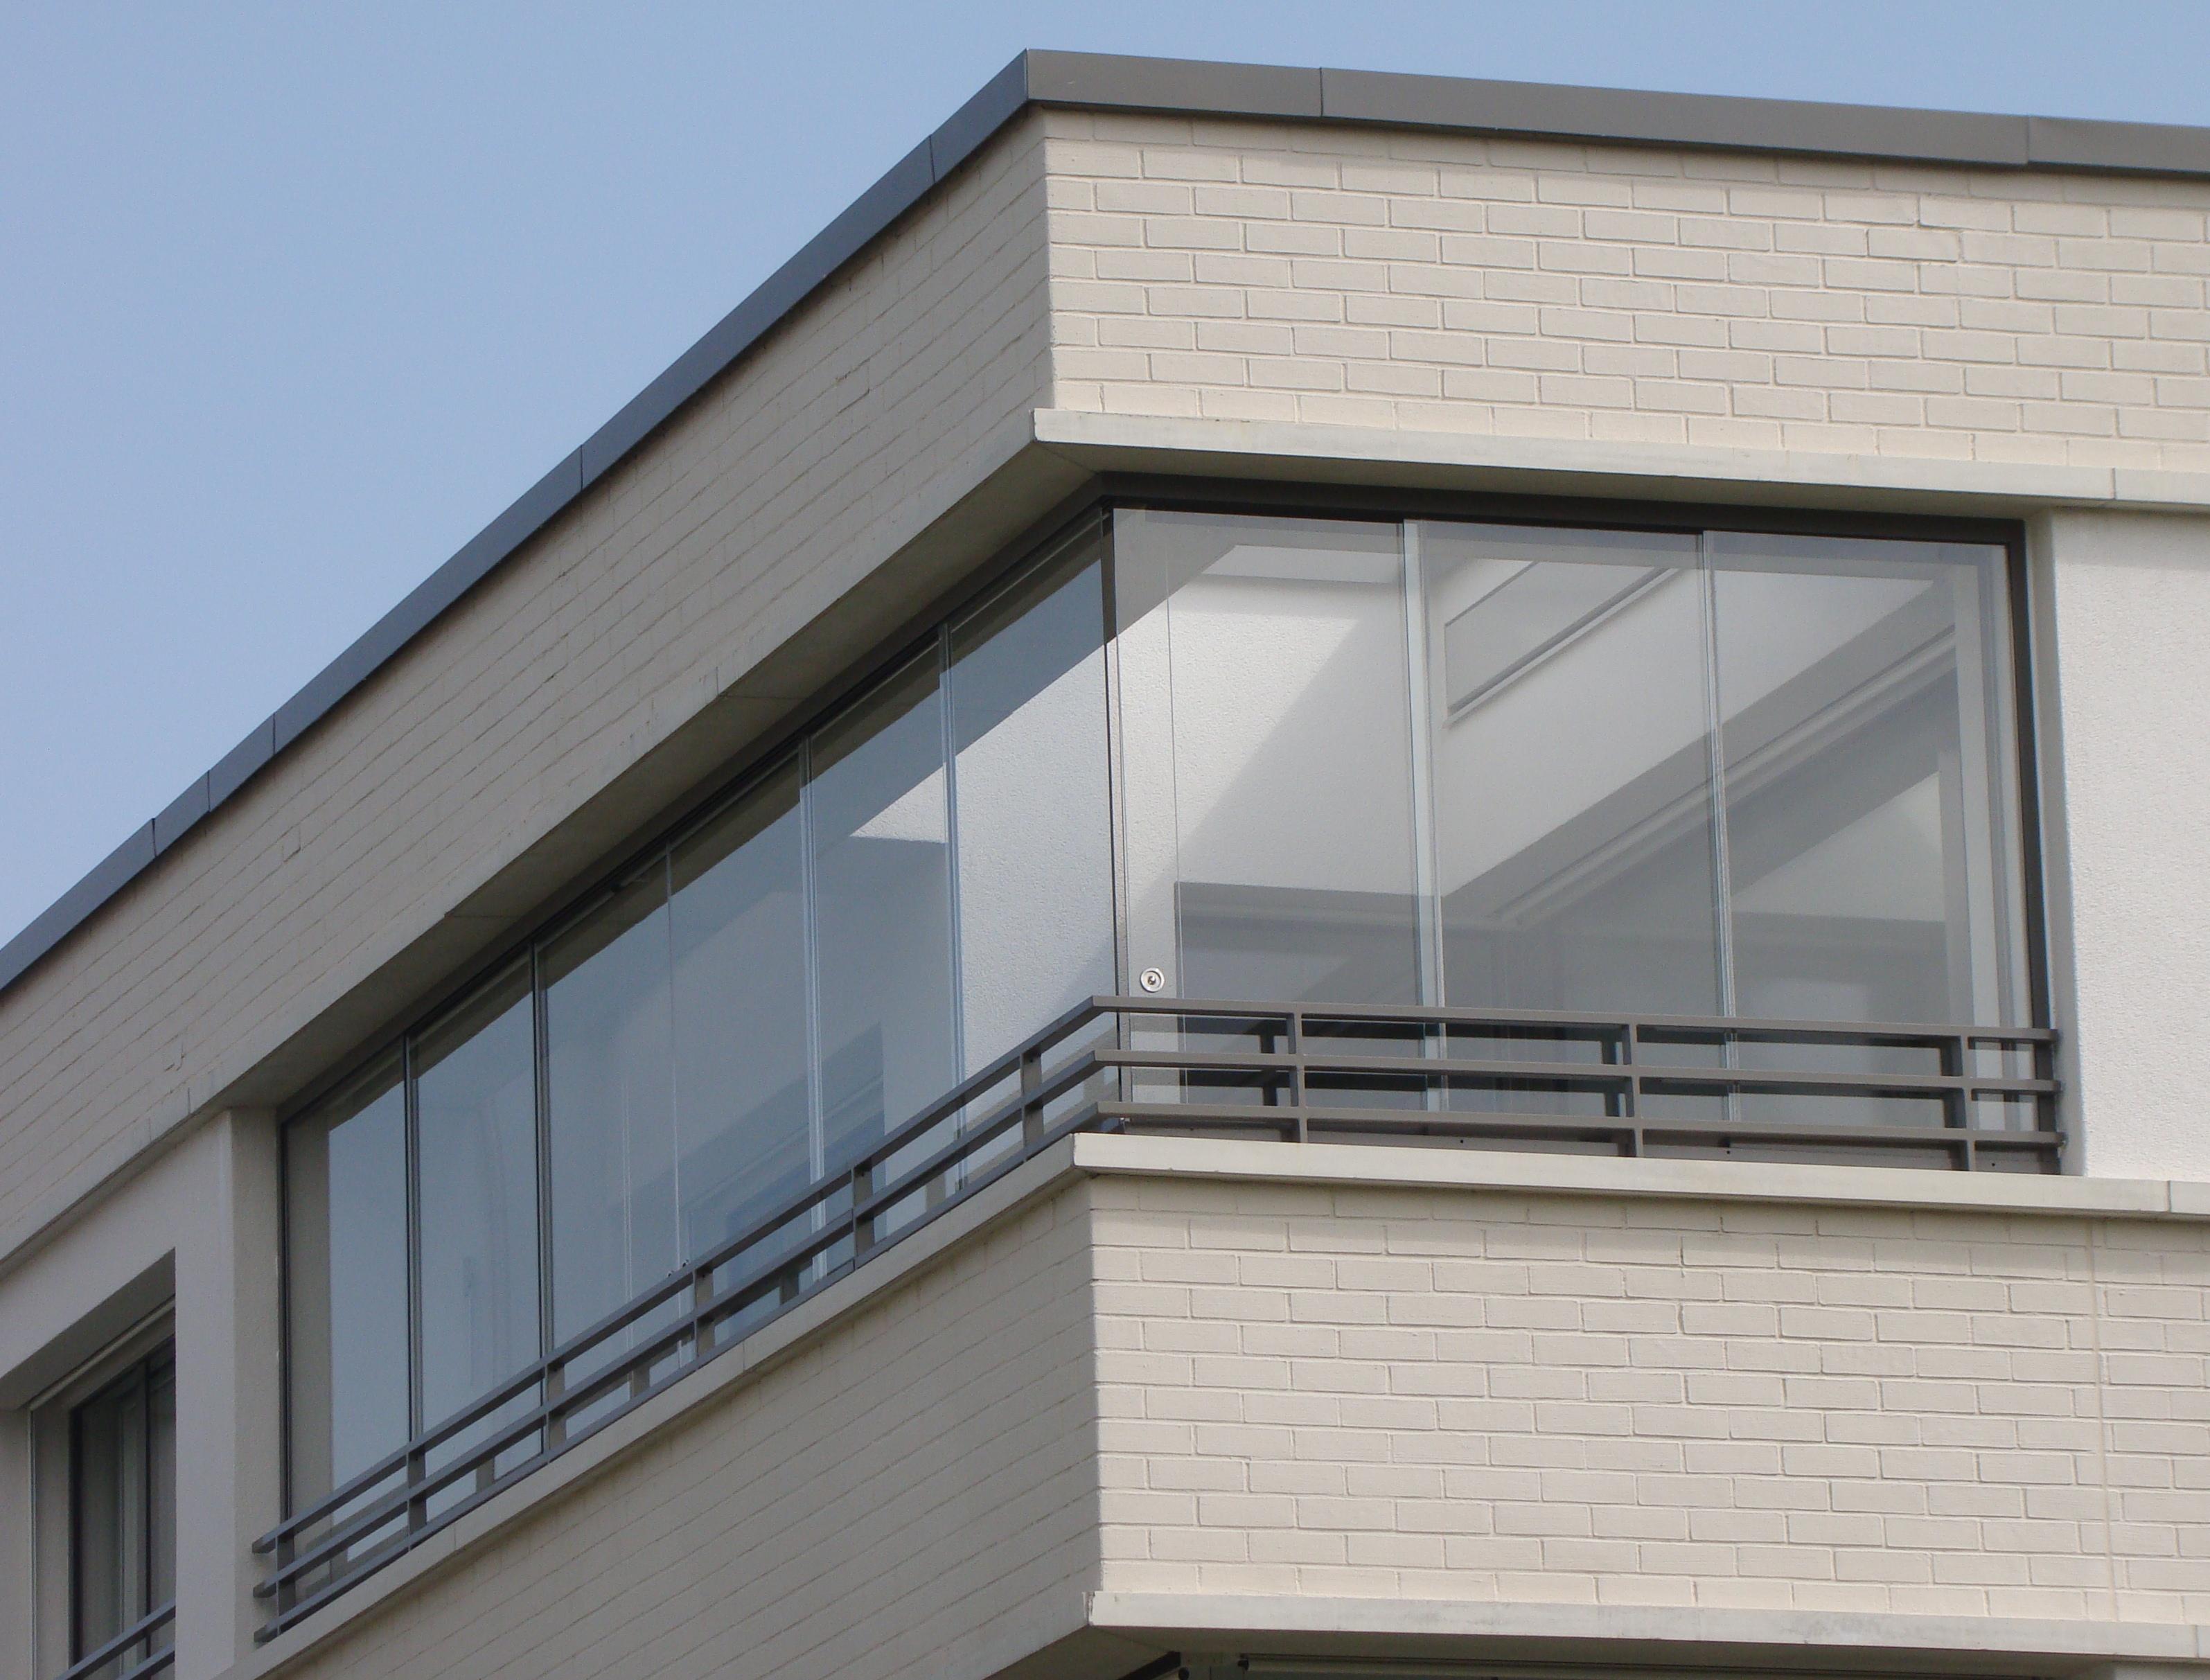 Balkonverglasung Winterthur Balkonverglasungen Windschutz